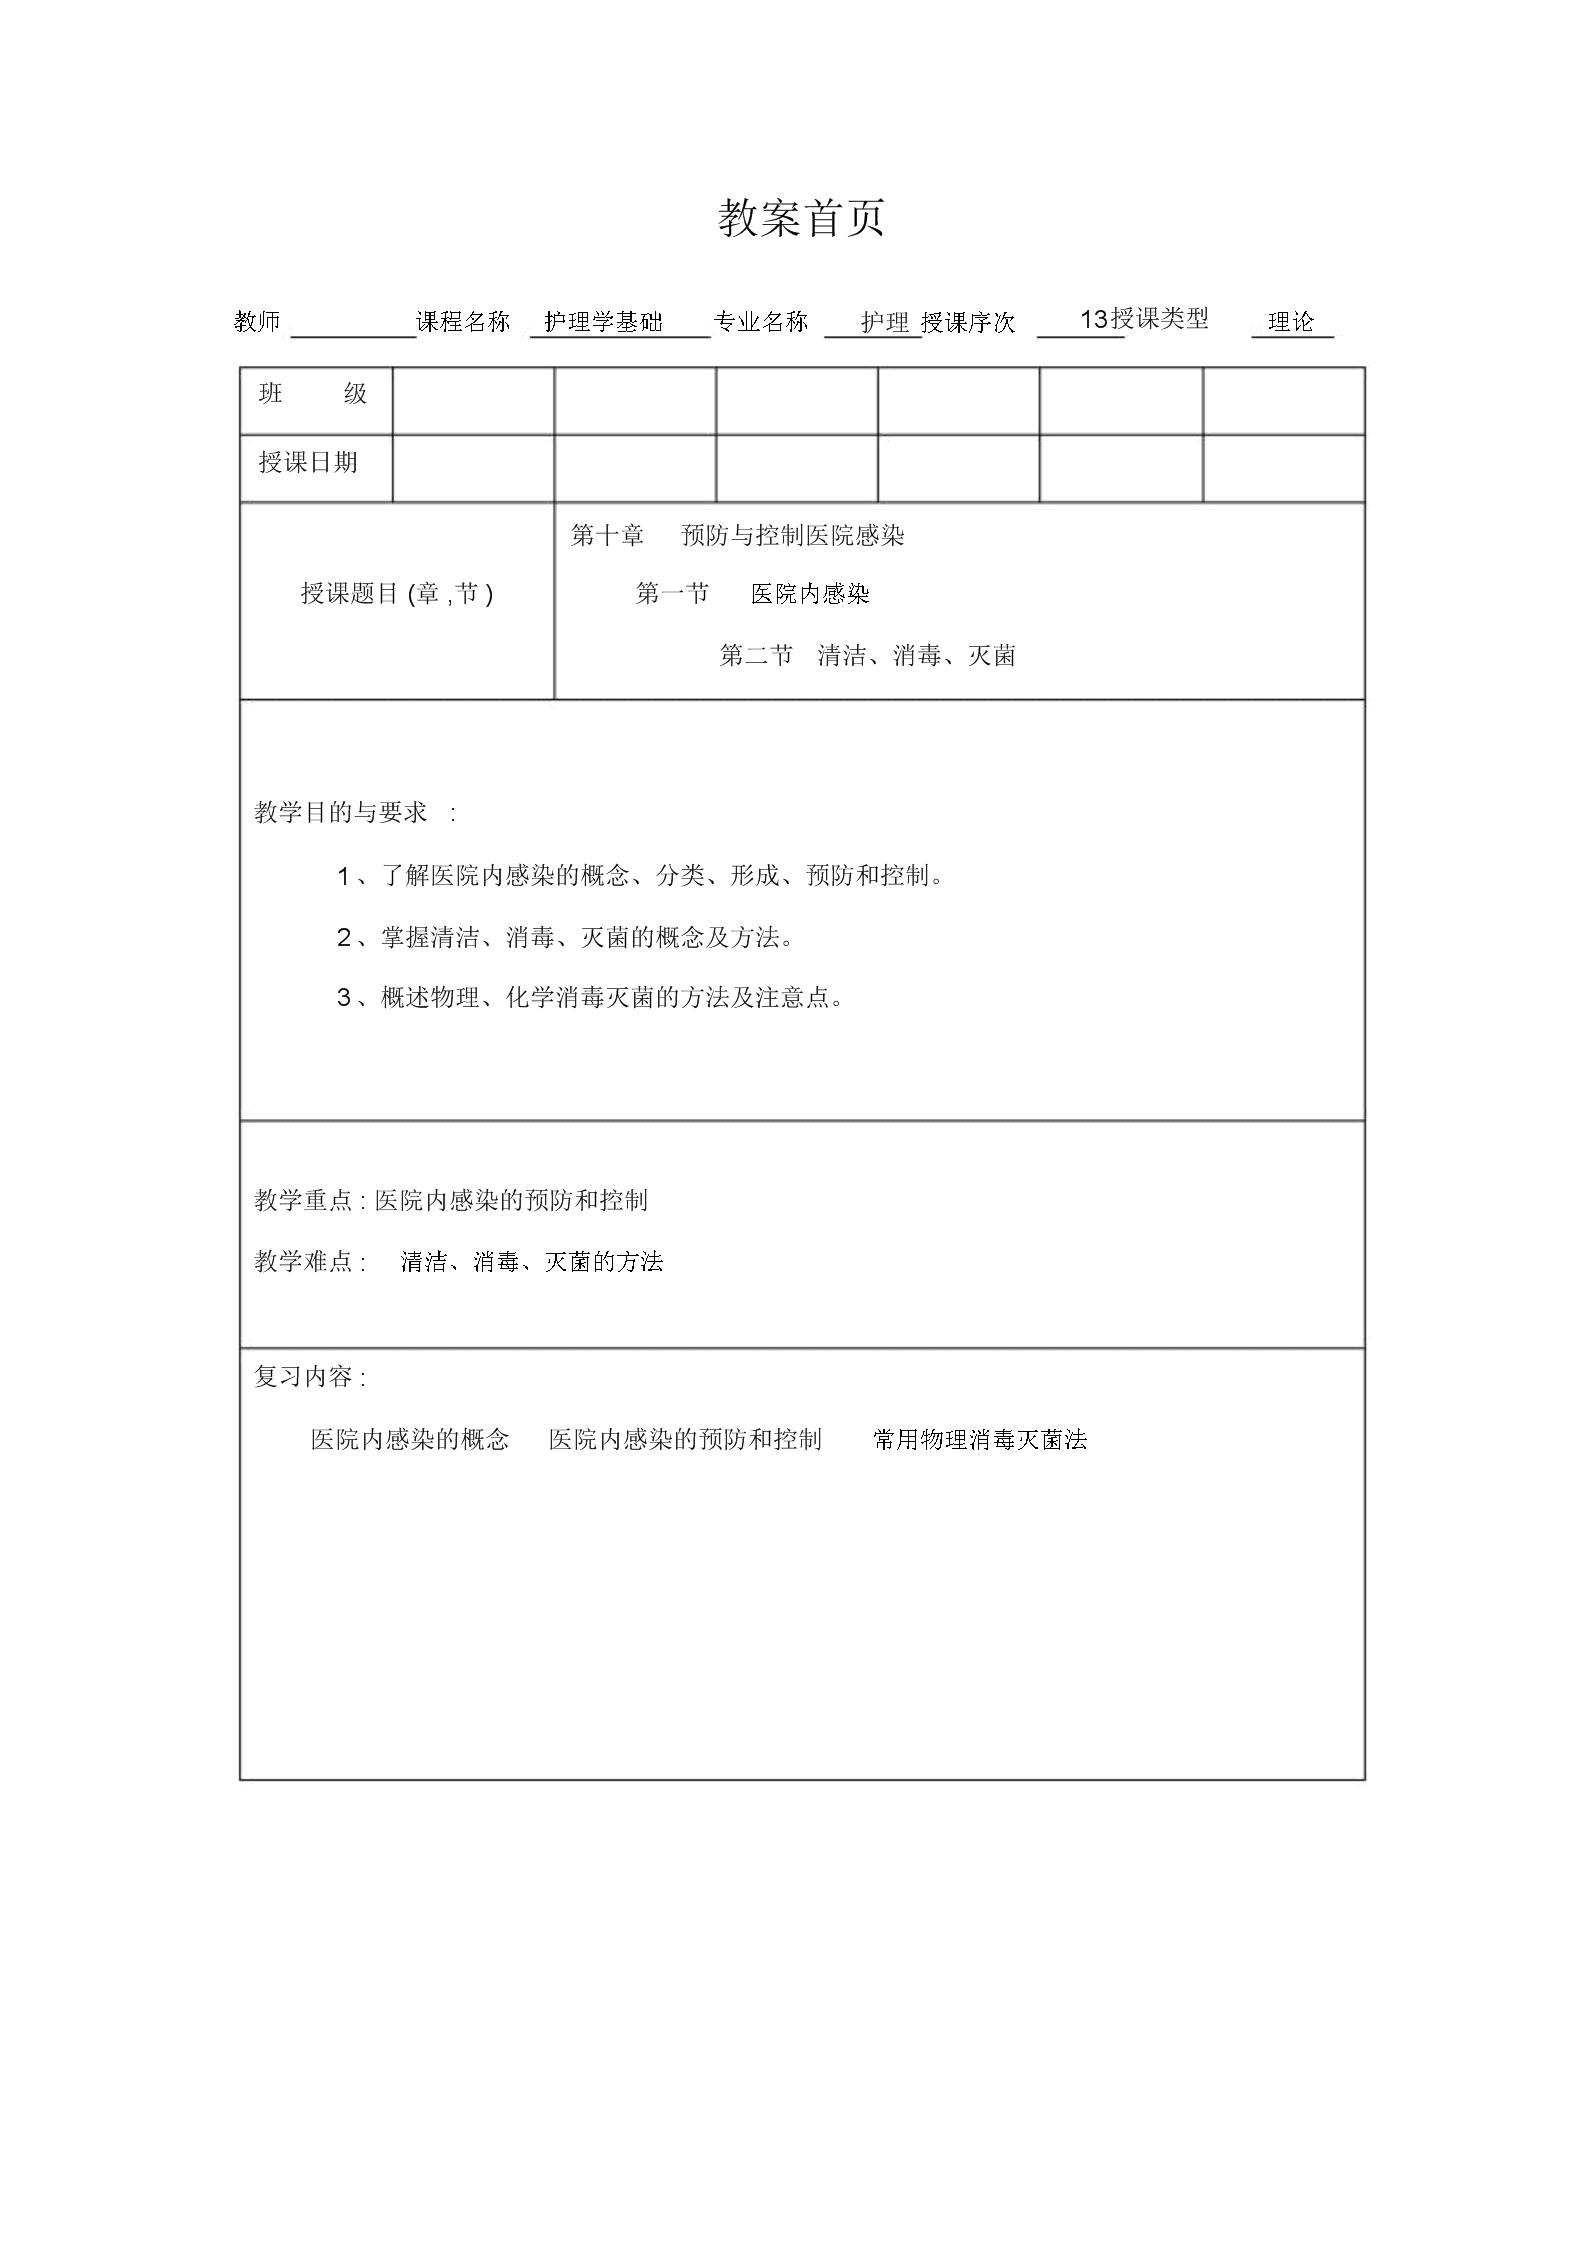 护理学基础教案第十章清洁消毒灭菌.docx